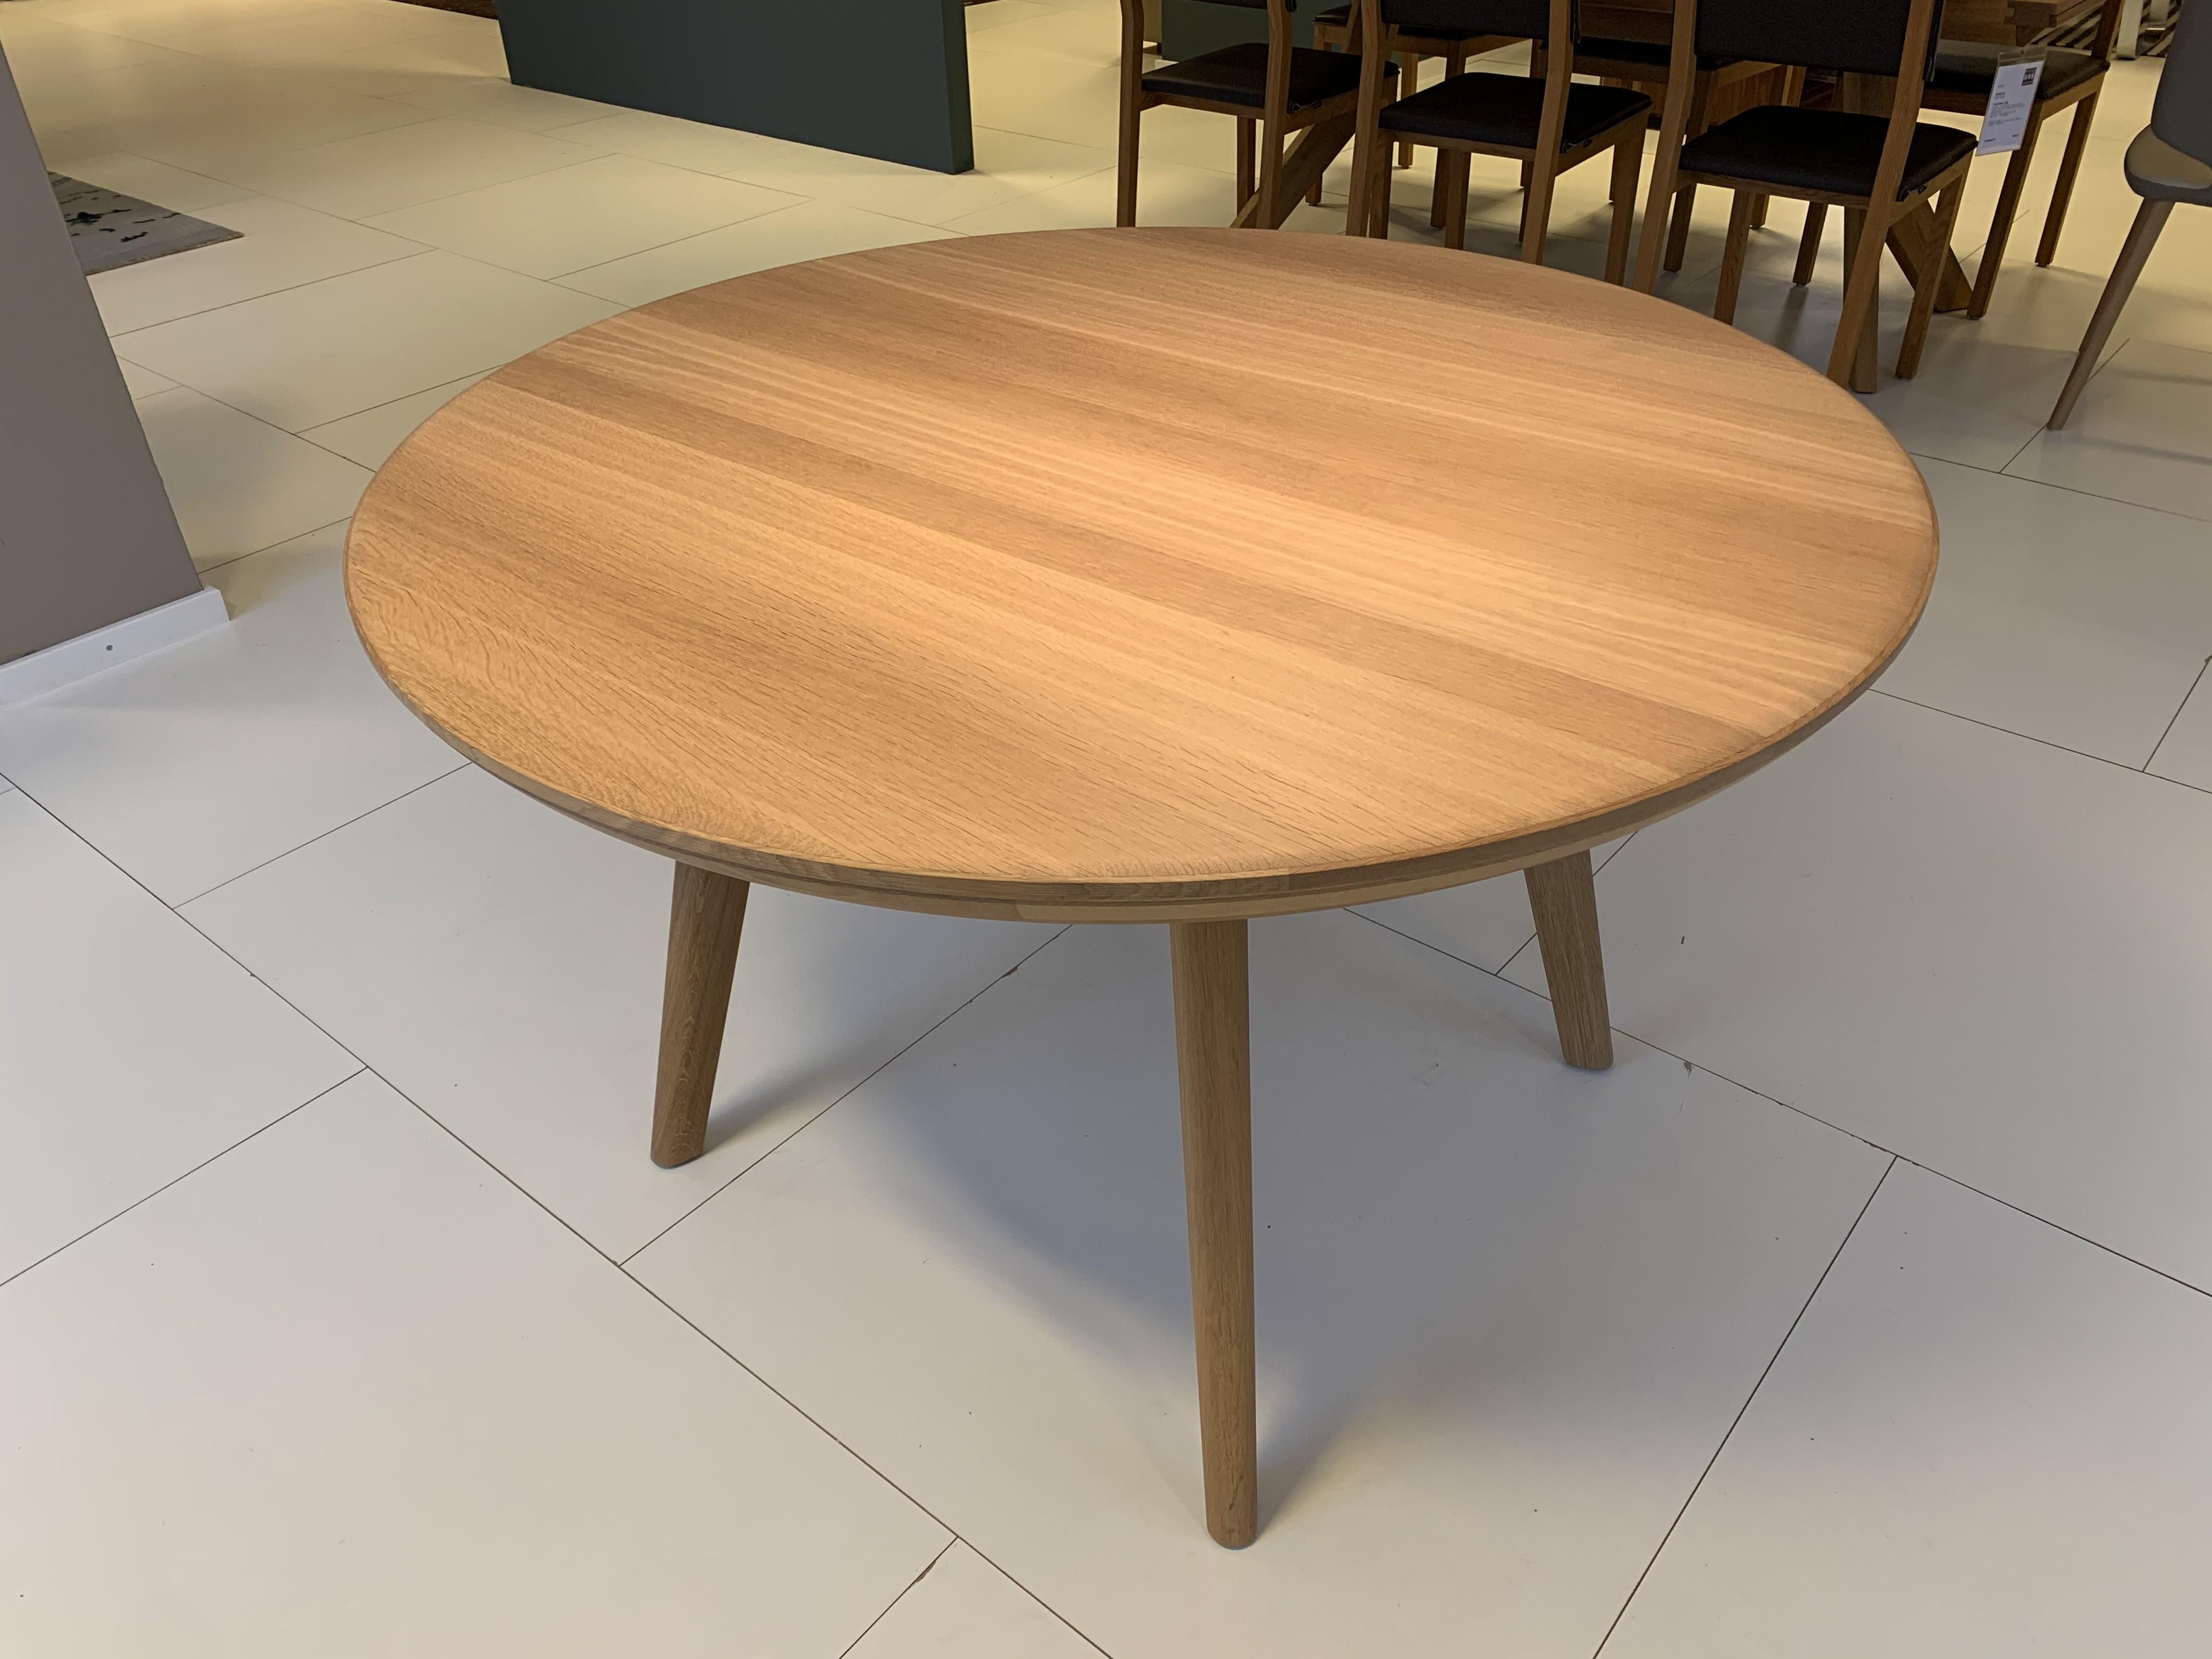 Esskombintation Tisch und Stühle (4 STK) Team7 02